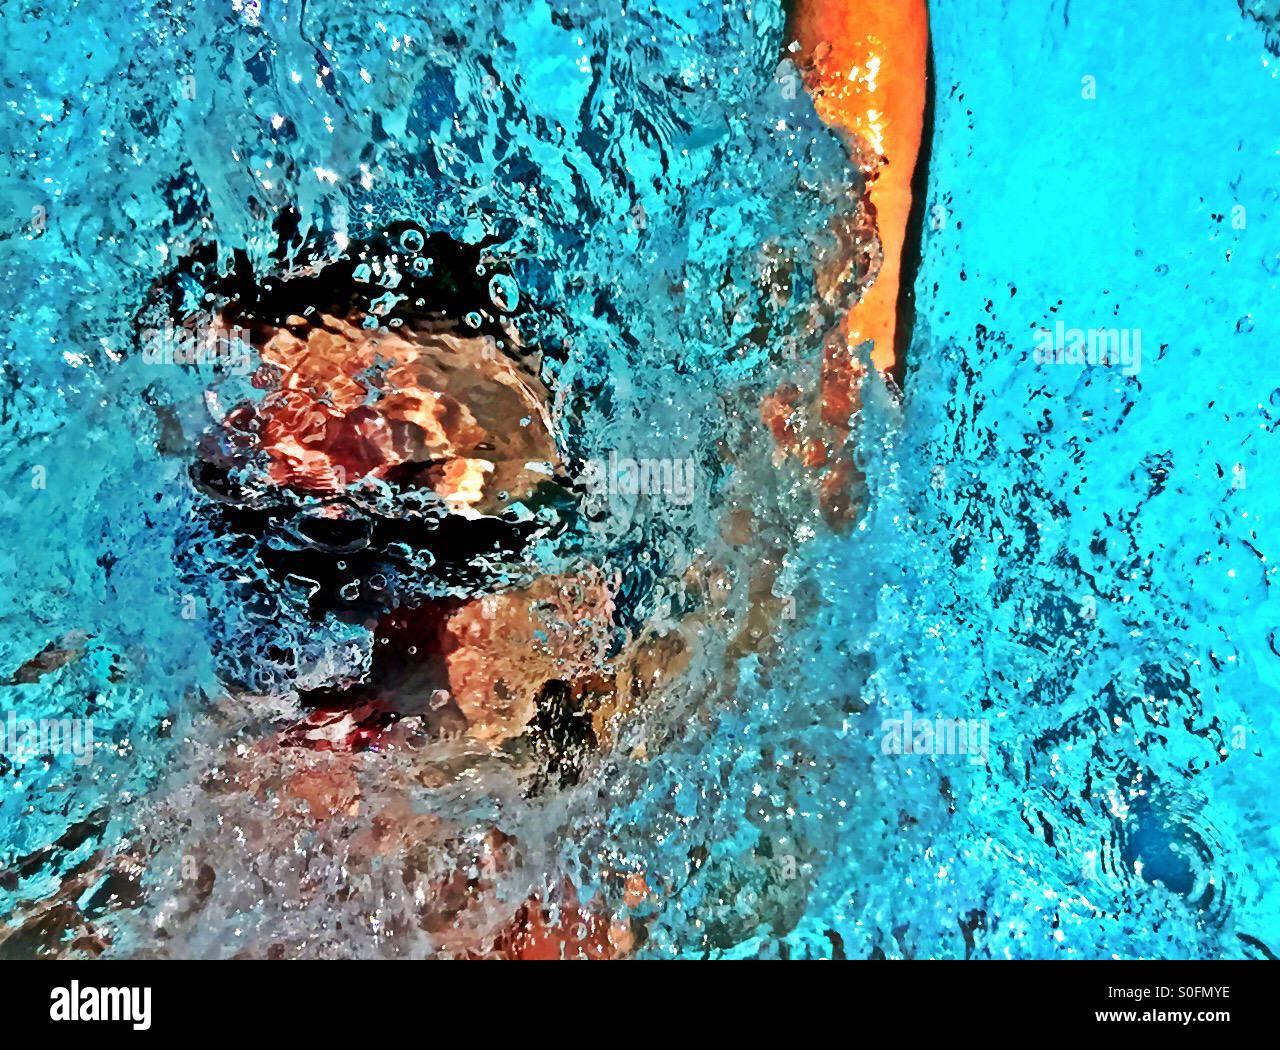 Detailansicht oben glotzte Mann schwimmen Wettbewerb Rücken im Zuge der Wasserspritzer und Bläschen überflutet. Stockbild